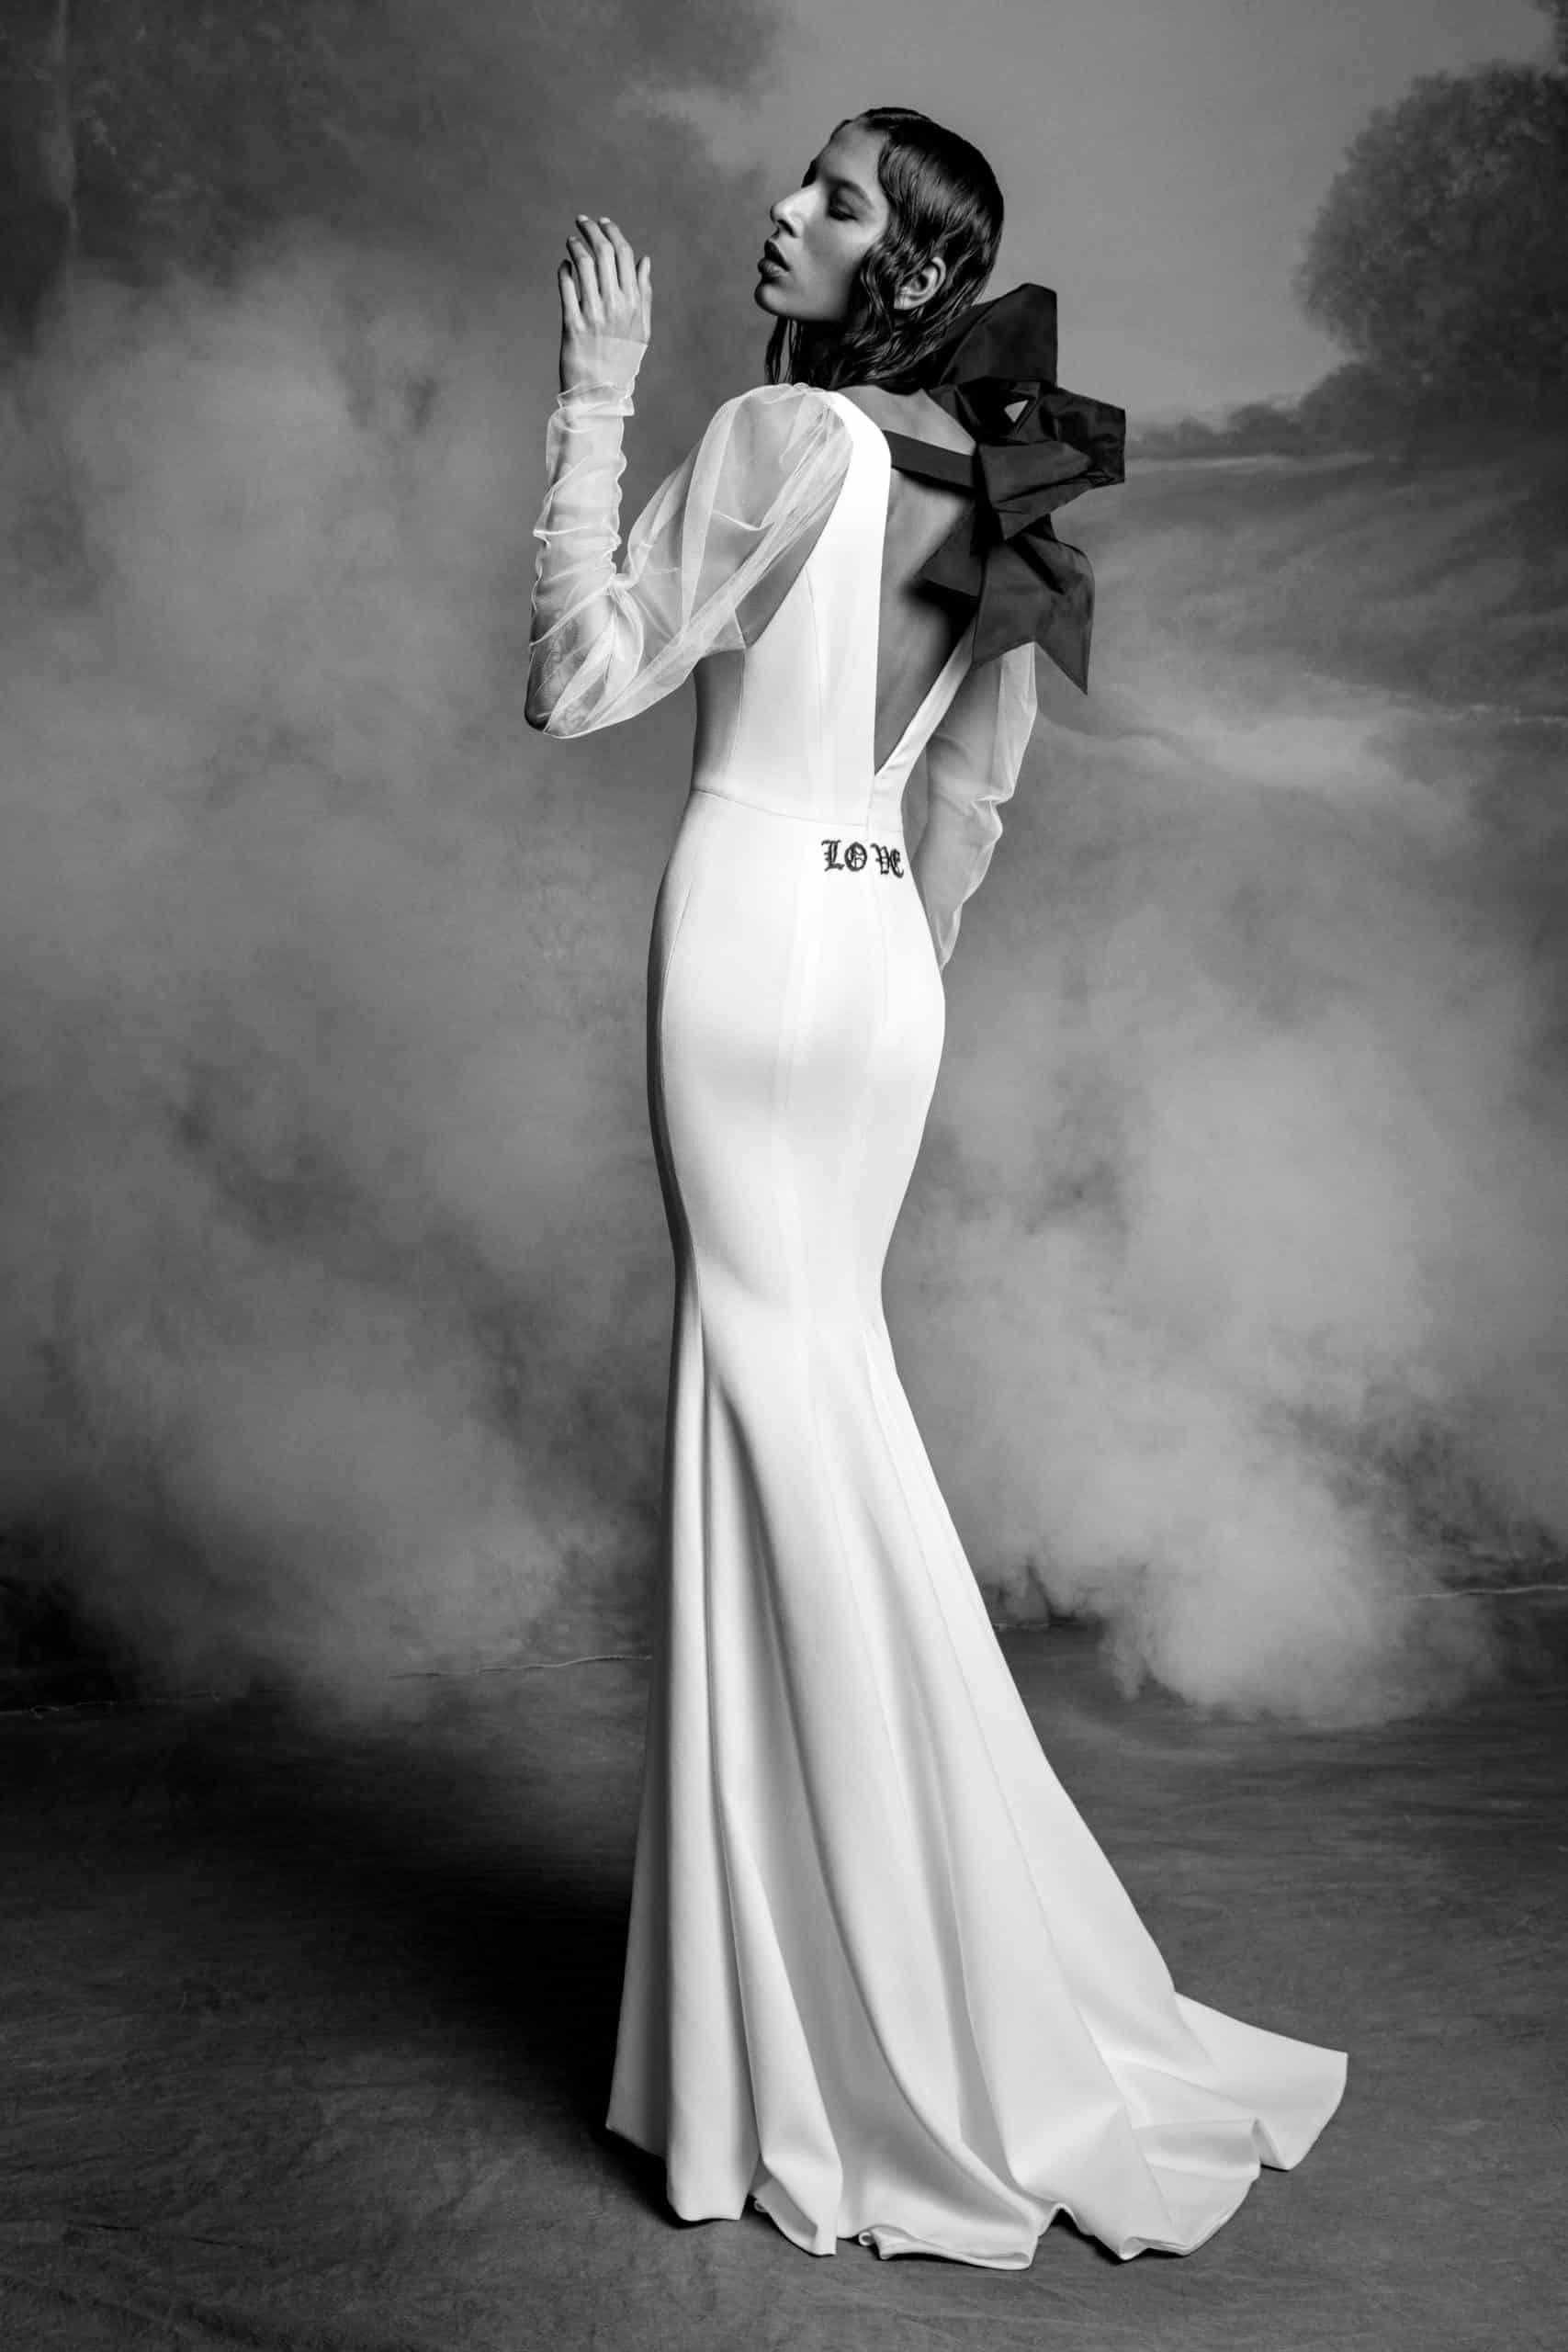 νυφικό φόρεμα με διάφανα μανίκια και μαύρο φιόγκο πίσω από Vera Wang